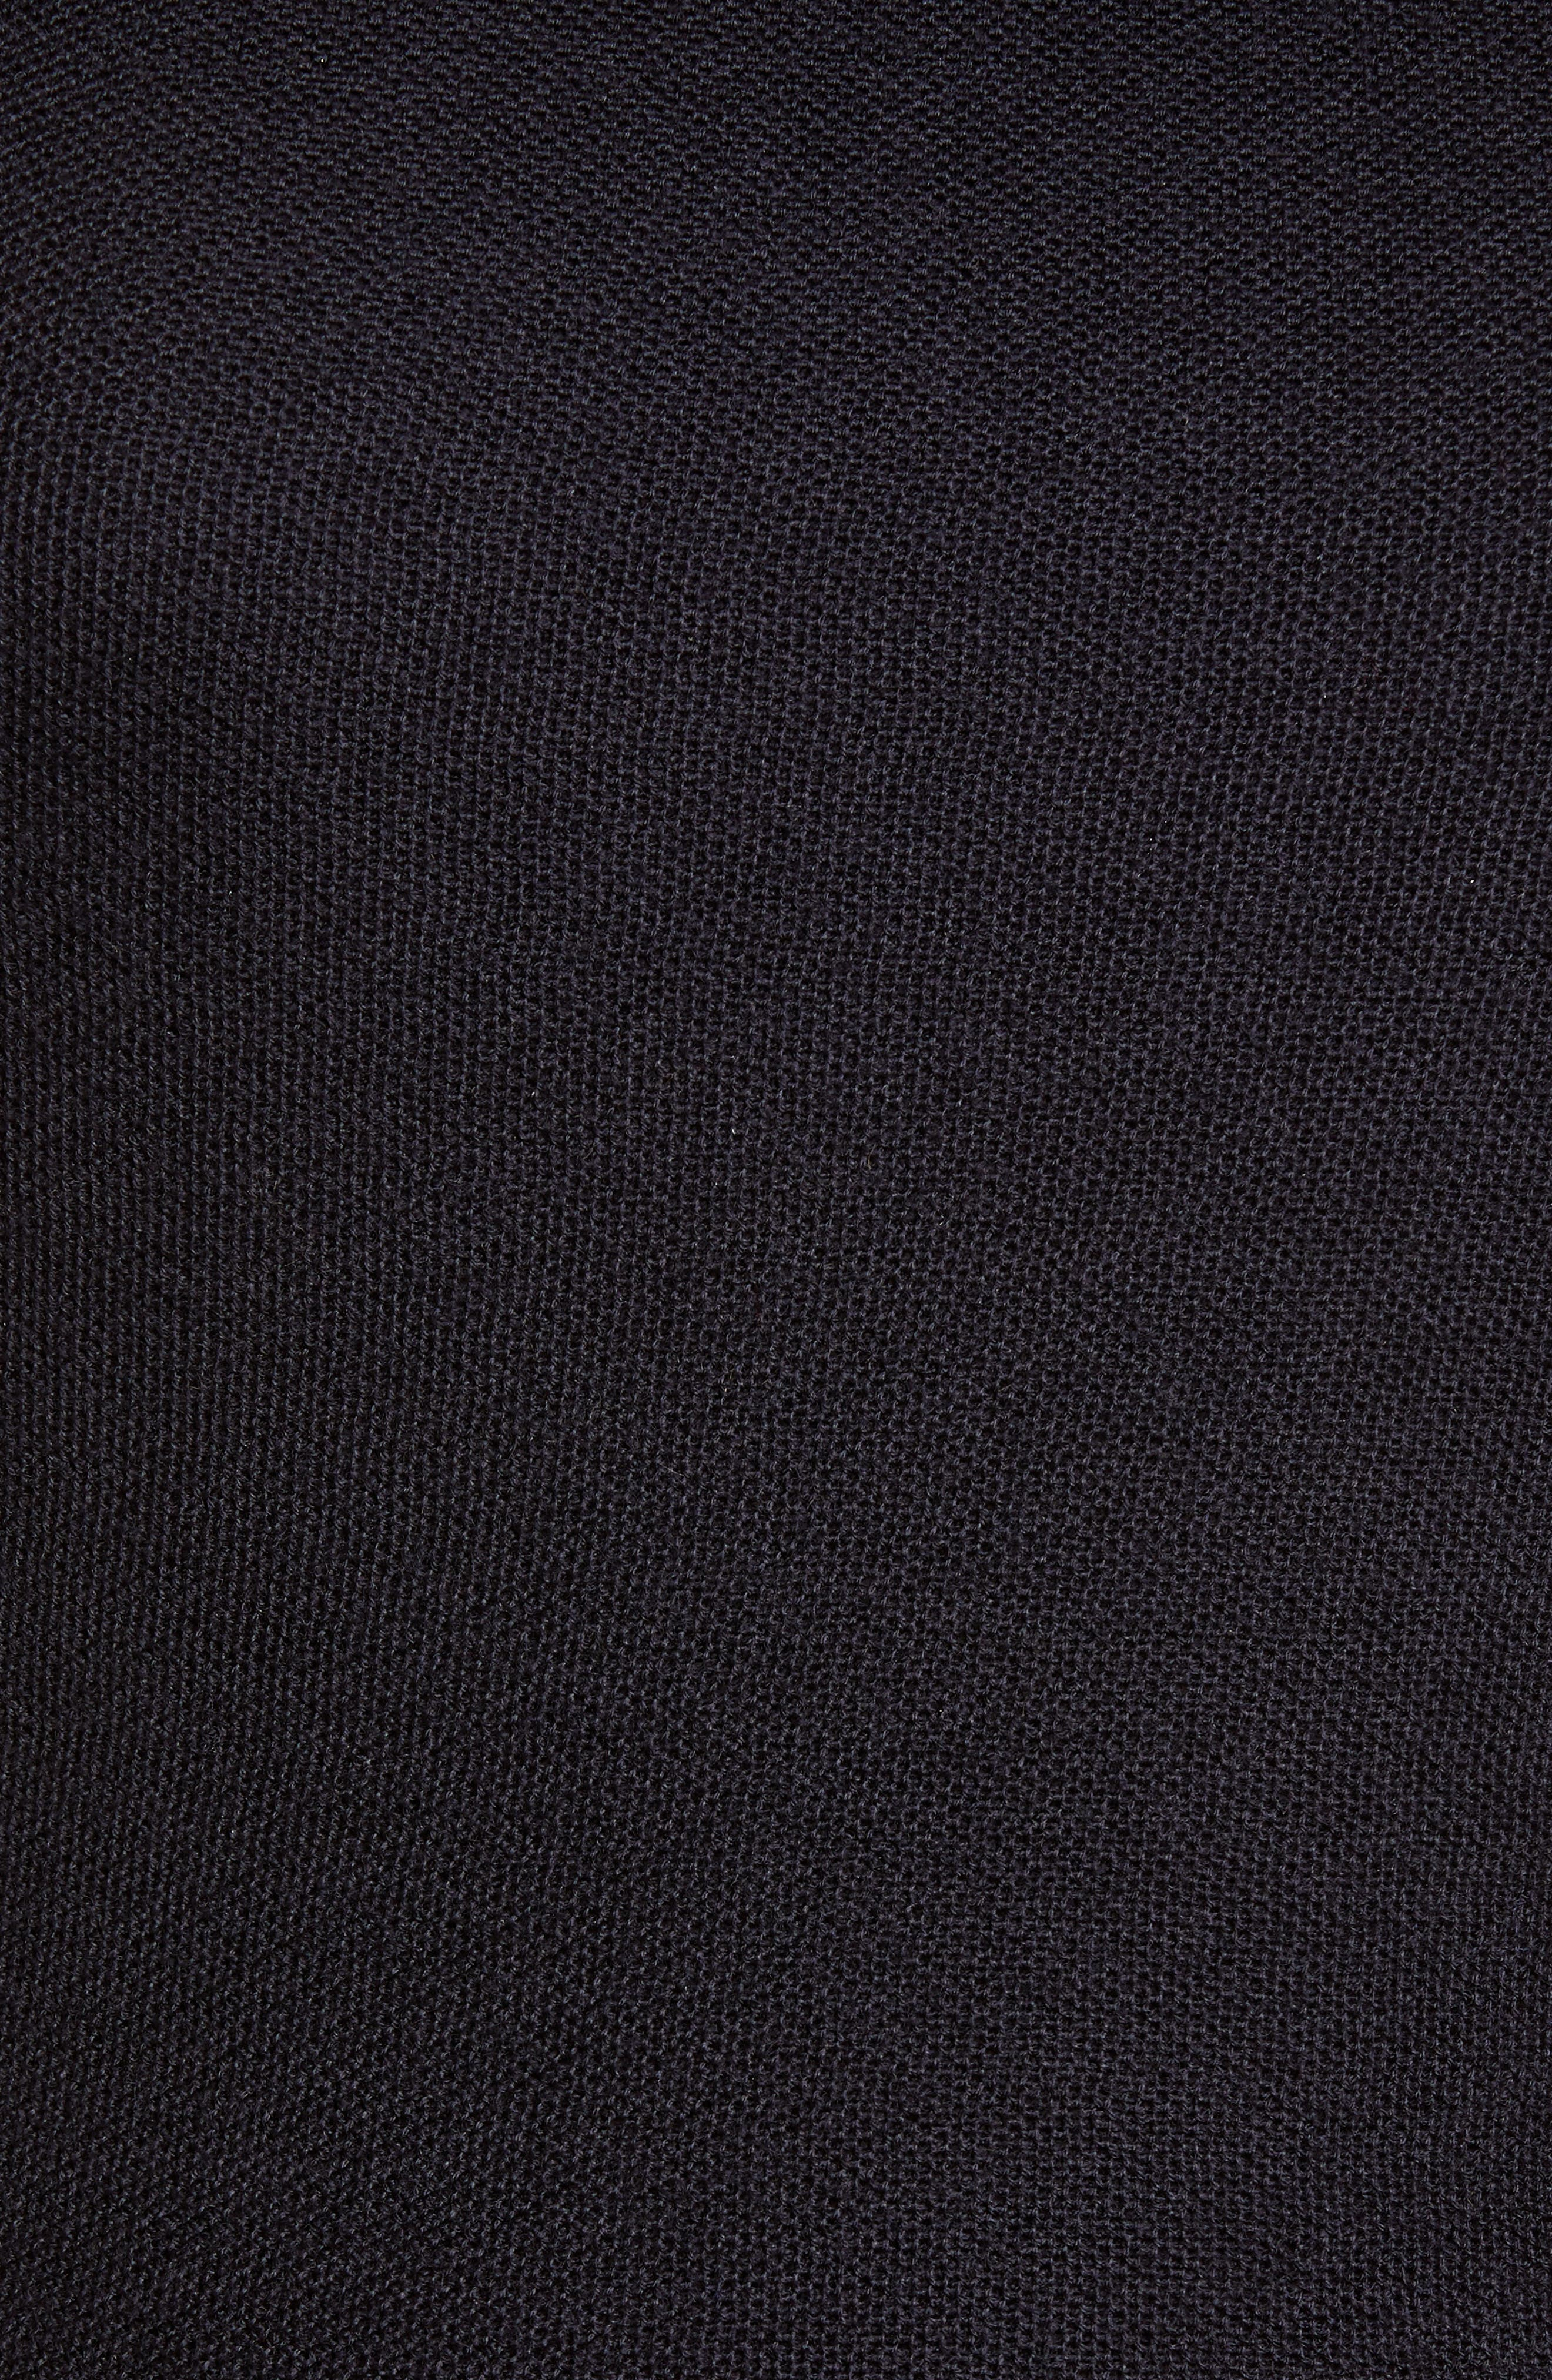 Fellie Mock Neck Sweater,                             Alternate thumbnail 10, color,